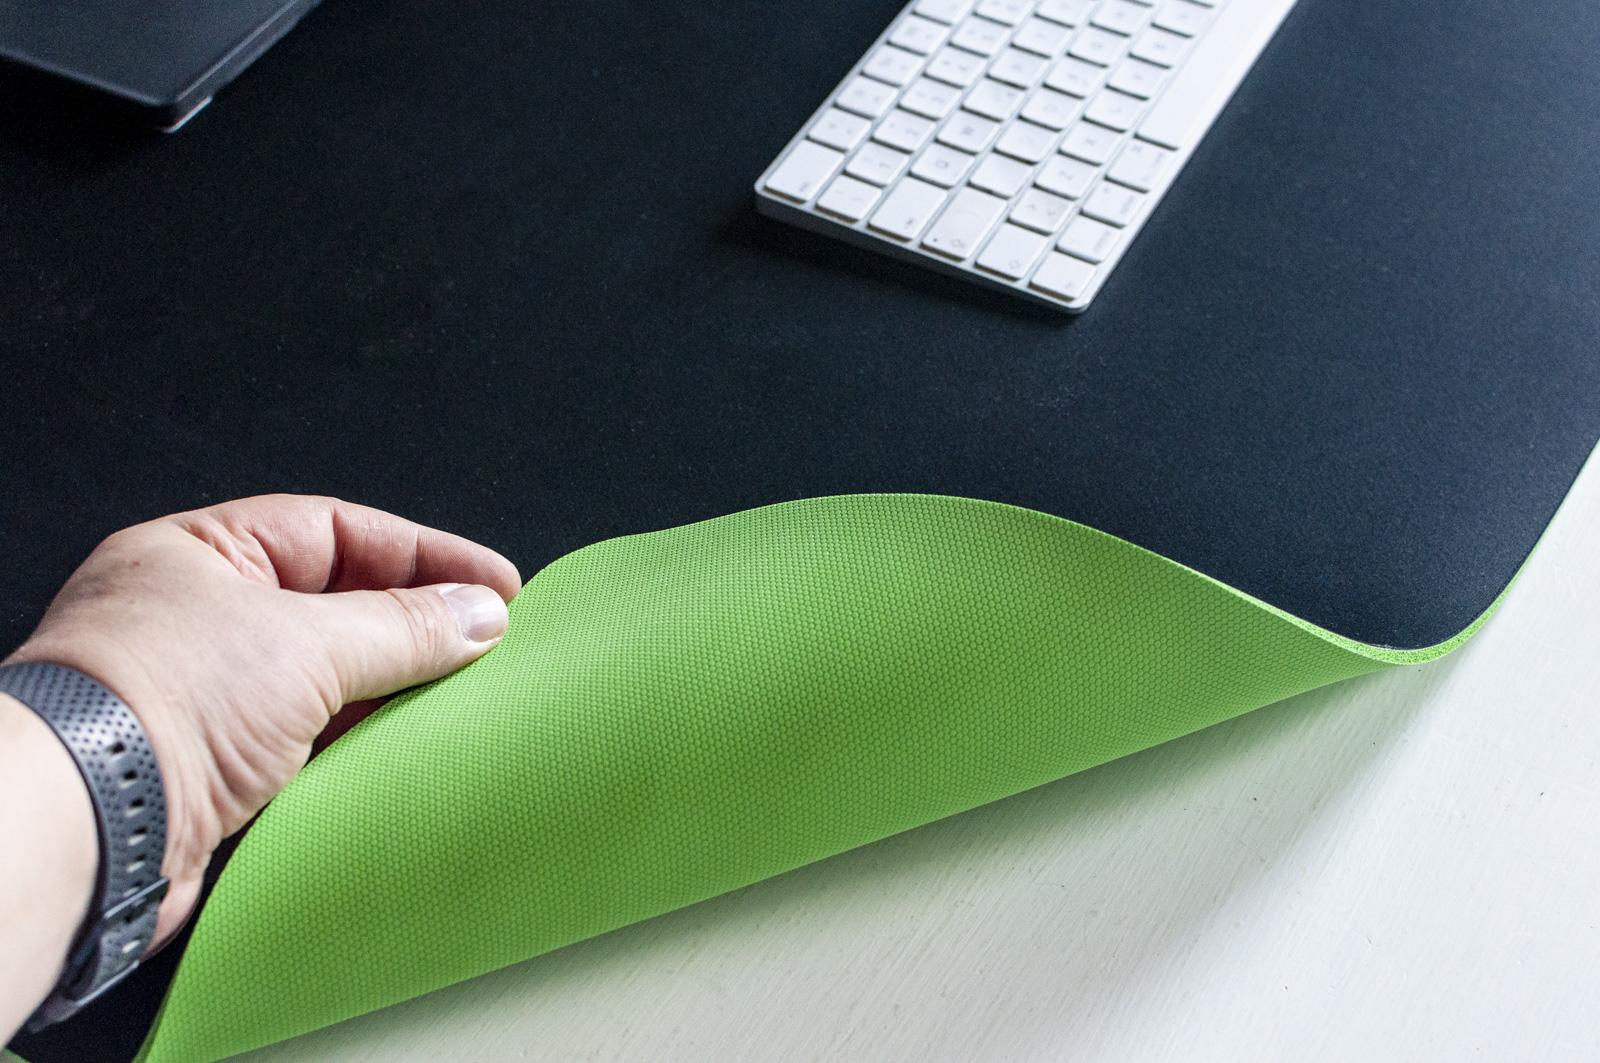 Recensione Razer Gigantus V2, il tappetino per mouse come non l'avete mai visto